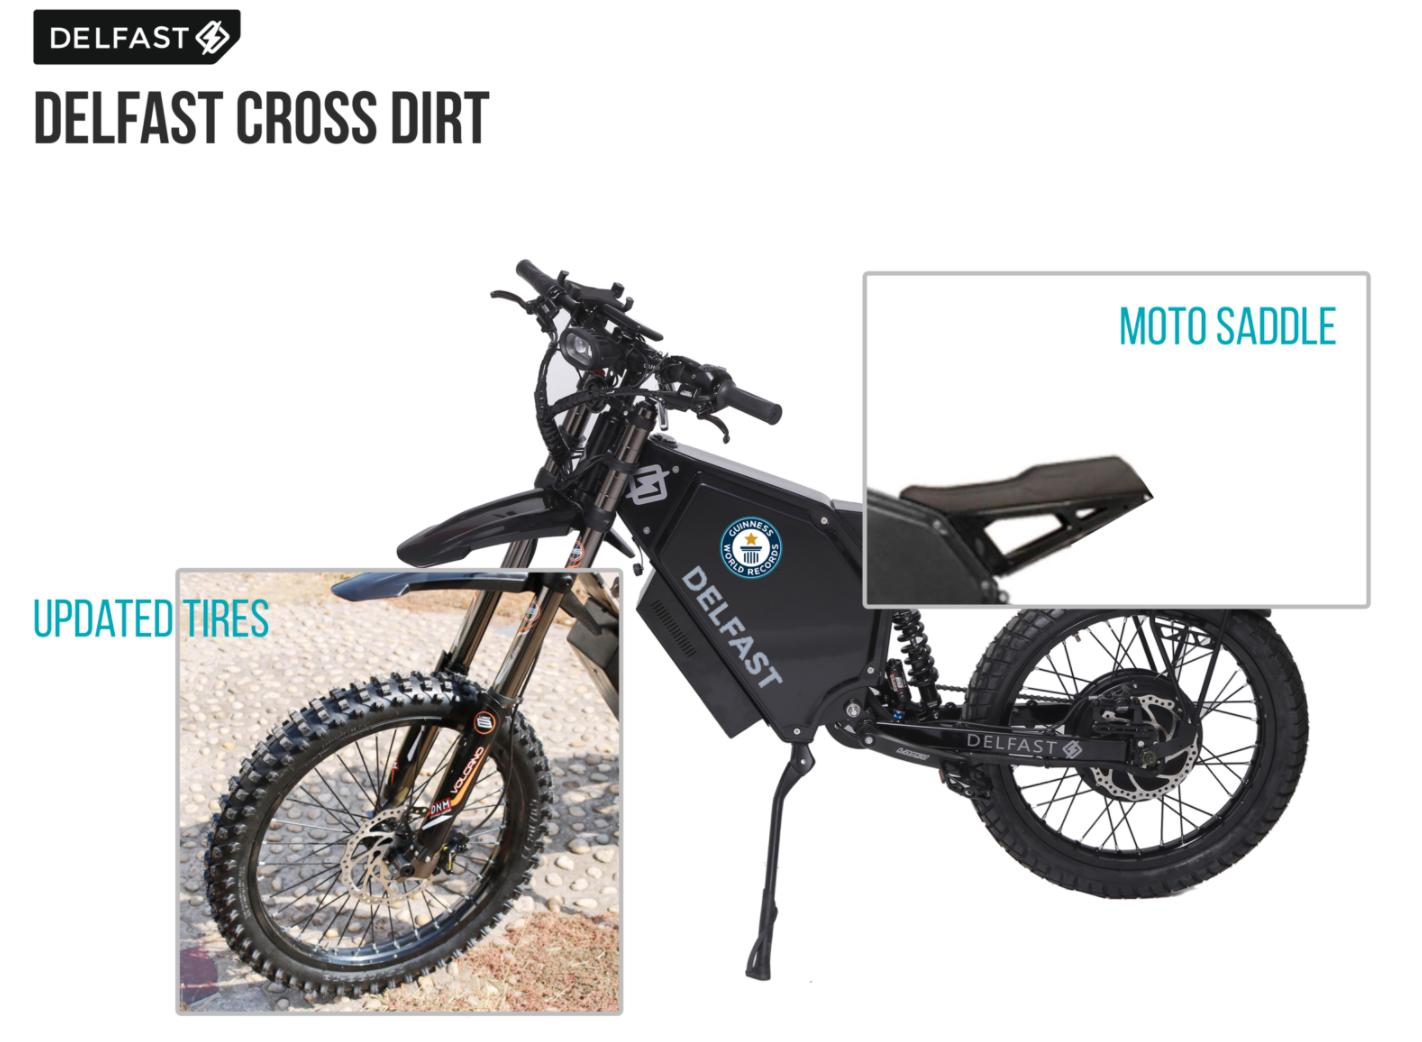 Delfast Cross Dirt